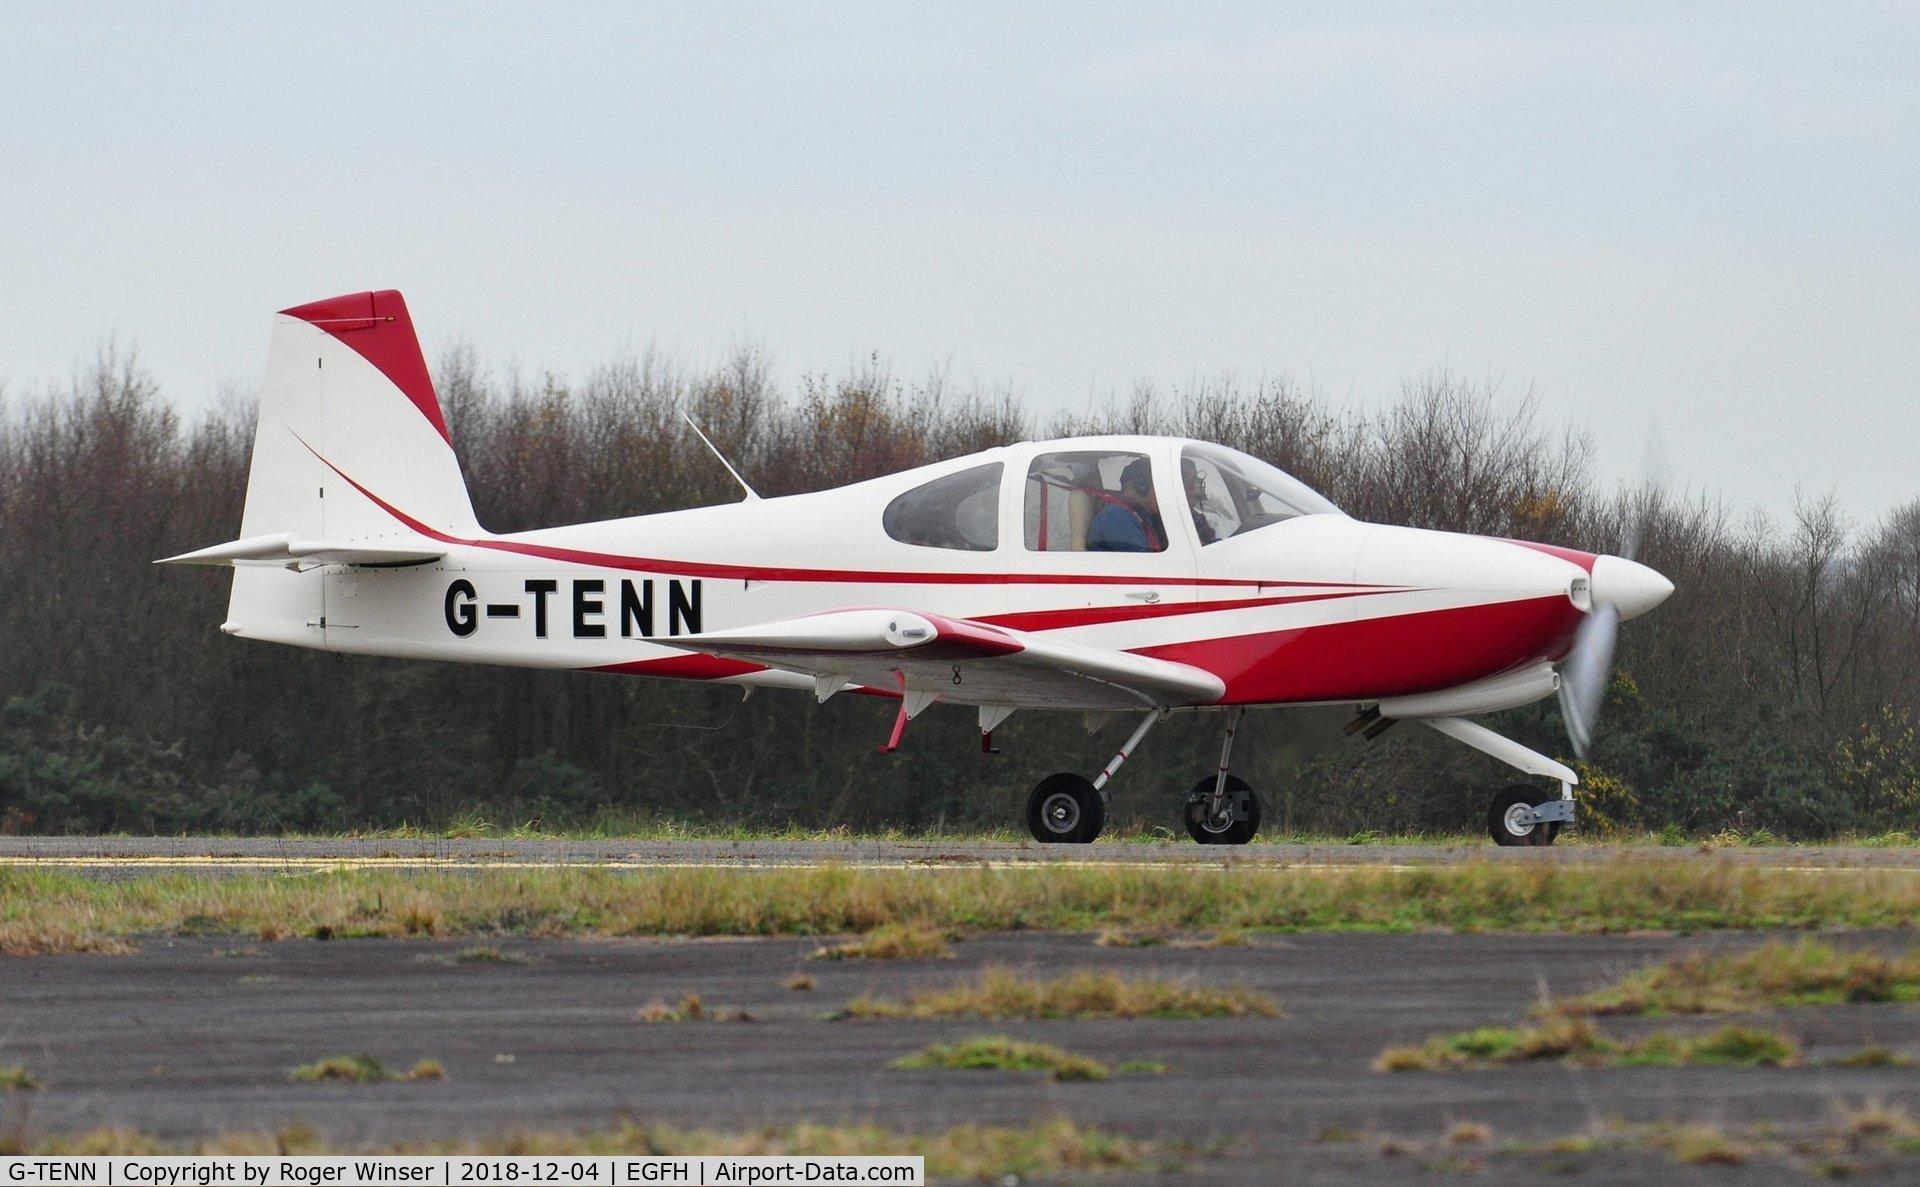 Aircraft G-TENN (2016 Vans RV-10 C/N LAA 339-15222) Photo by